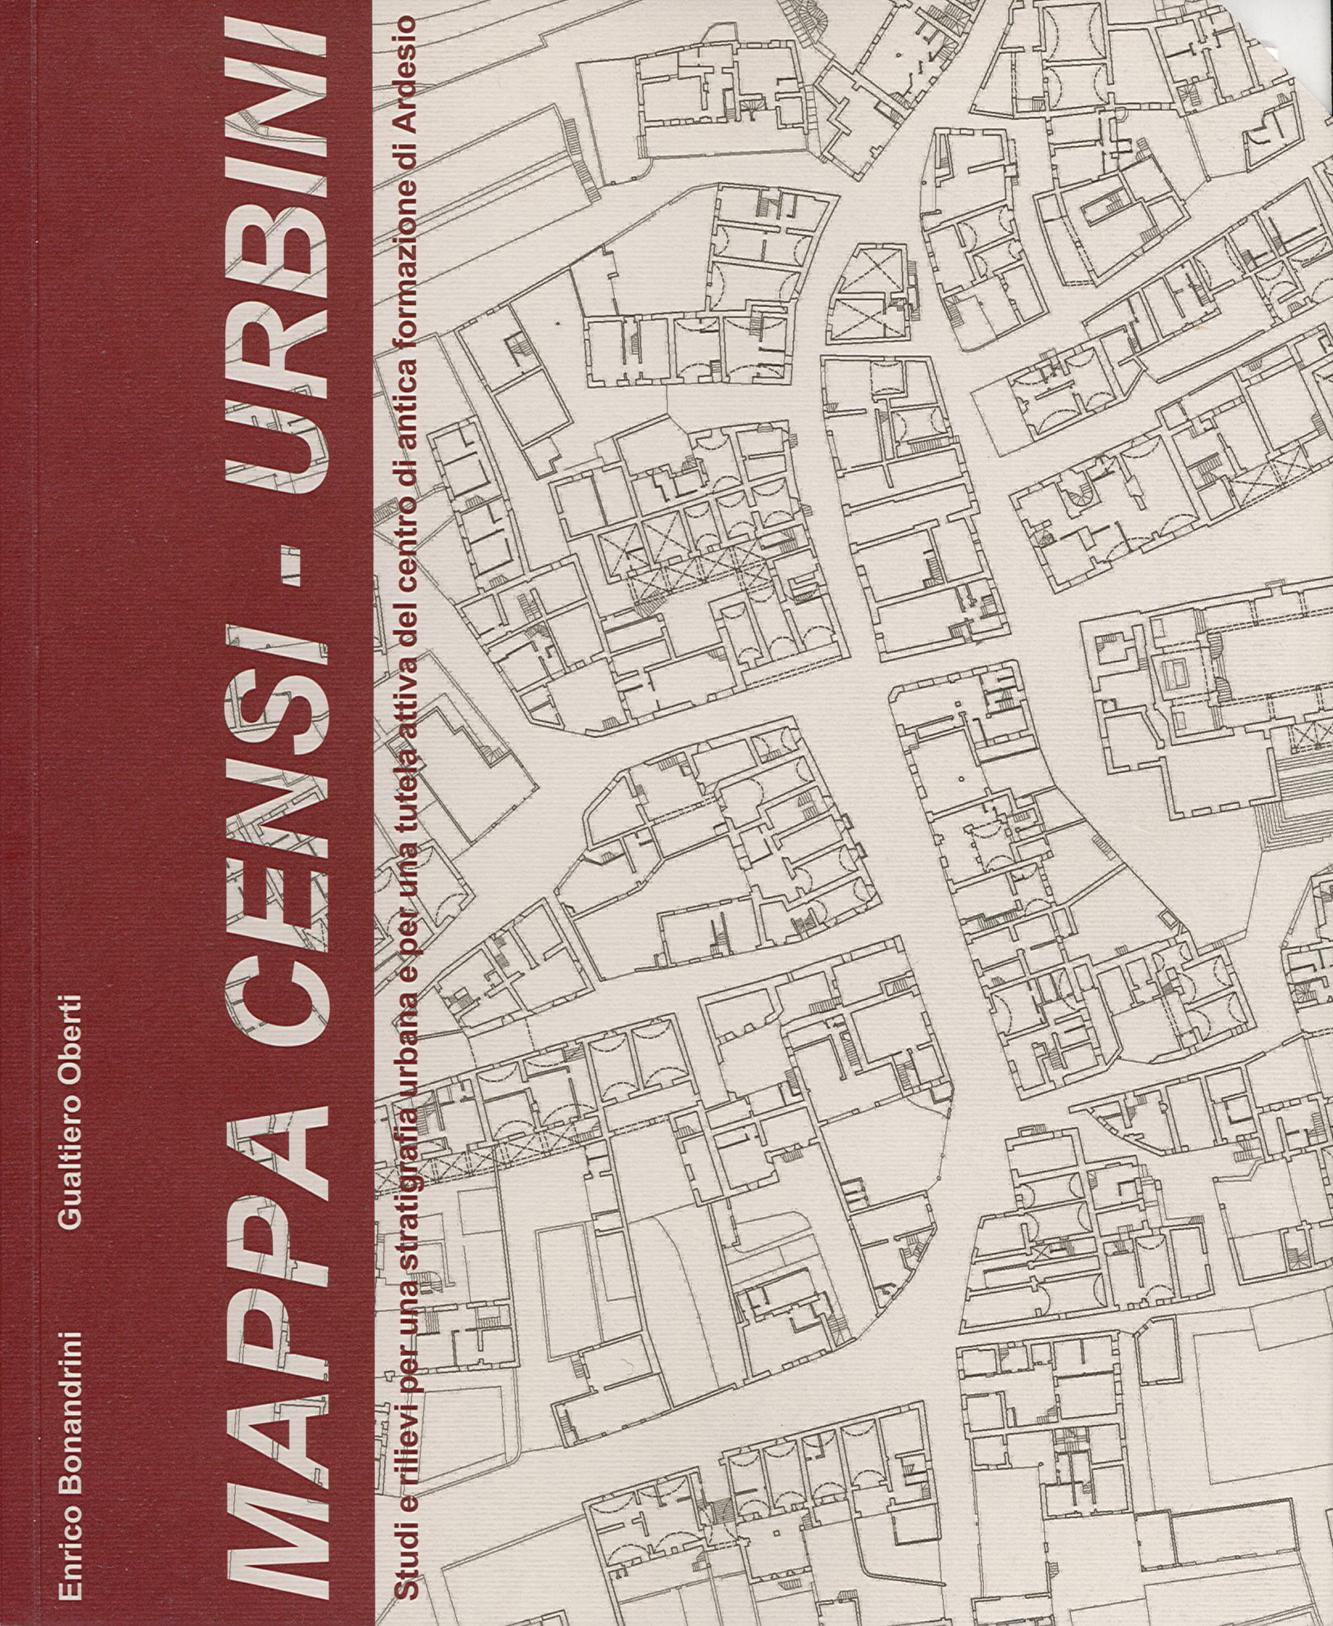 Pubblicazioni - Mappa censi urbini - oberti+oberti   architetti